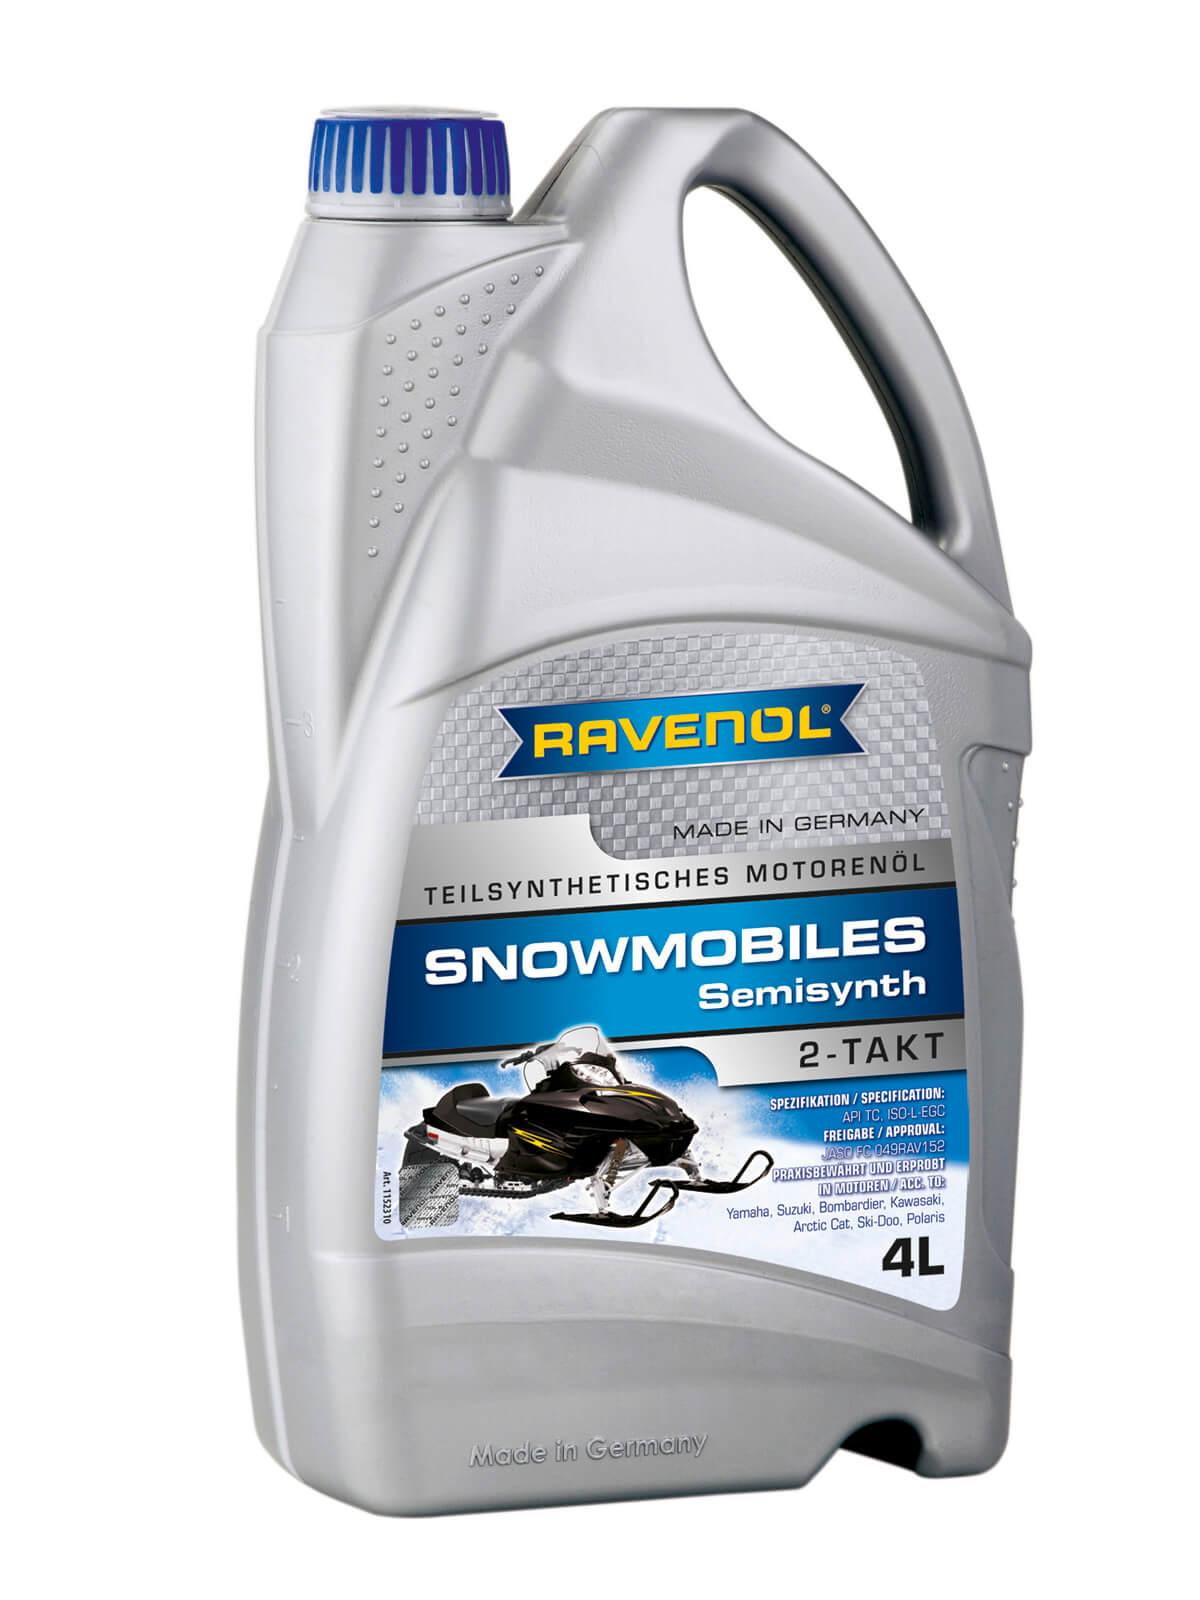 ravenol snowmobiles teilsynth 2 takt direkt im ravenol shop kaufen. Black Bedroom Furniture Sets. Home Design Ideas